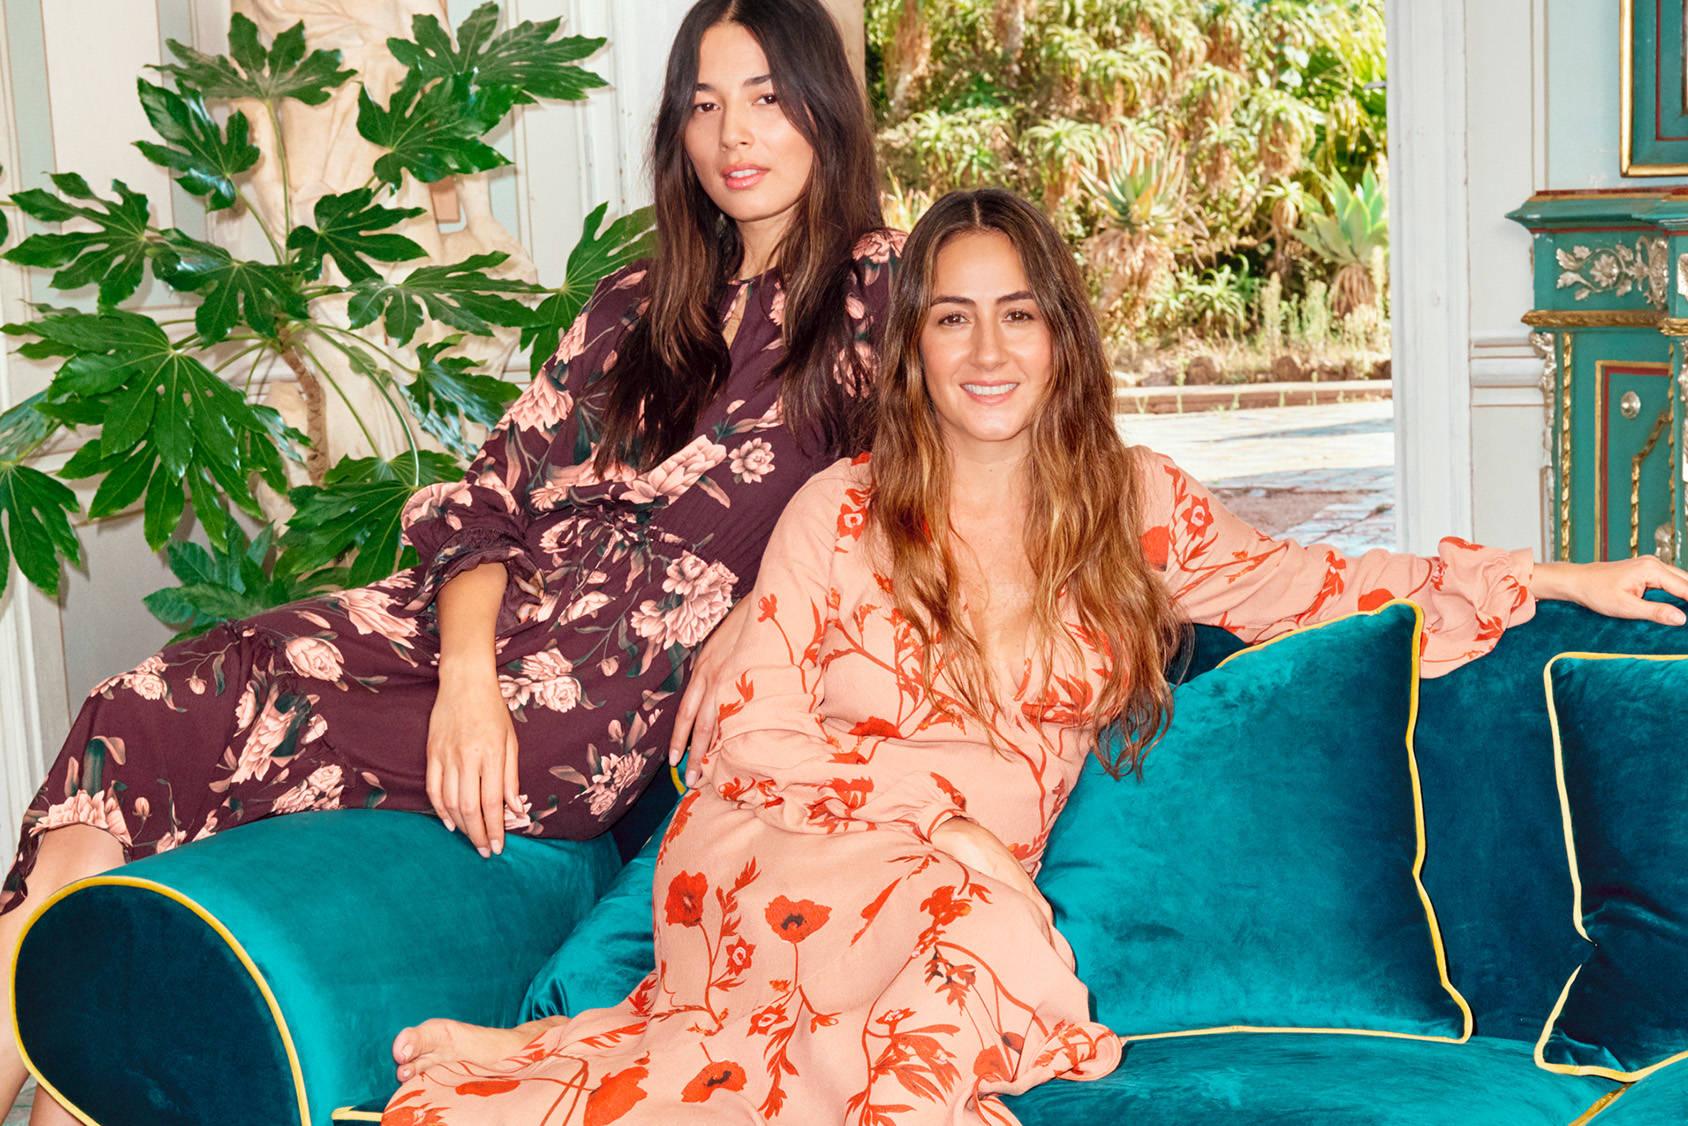 Conoce a Johanna Ortiz, la primera diseñadora latinoamericana en colaborar con H&M